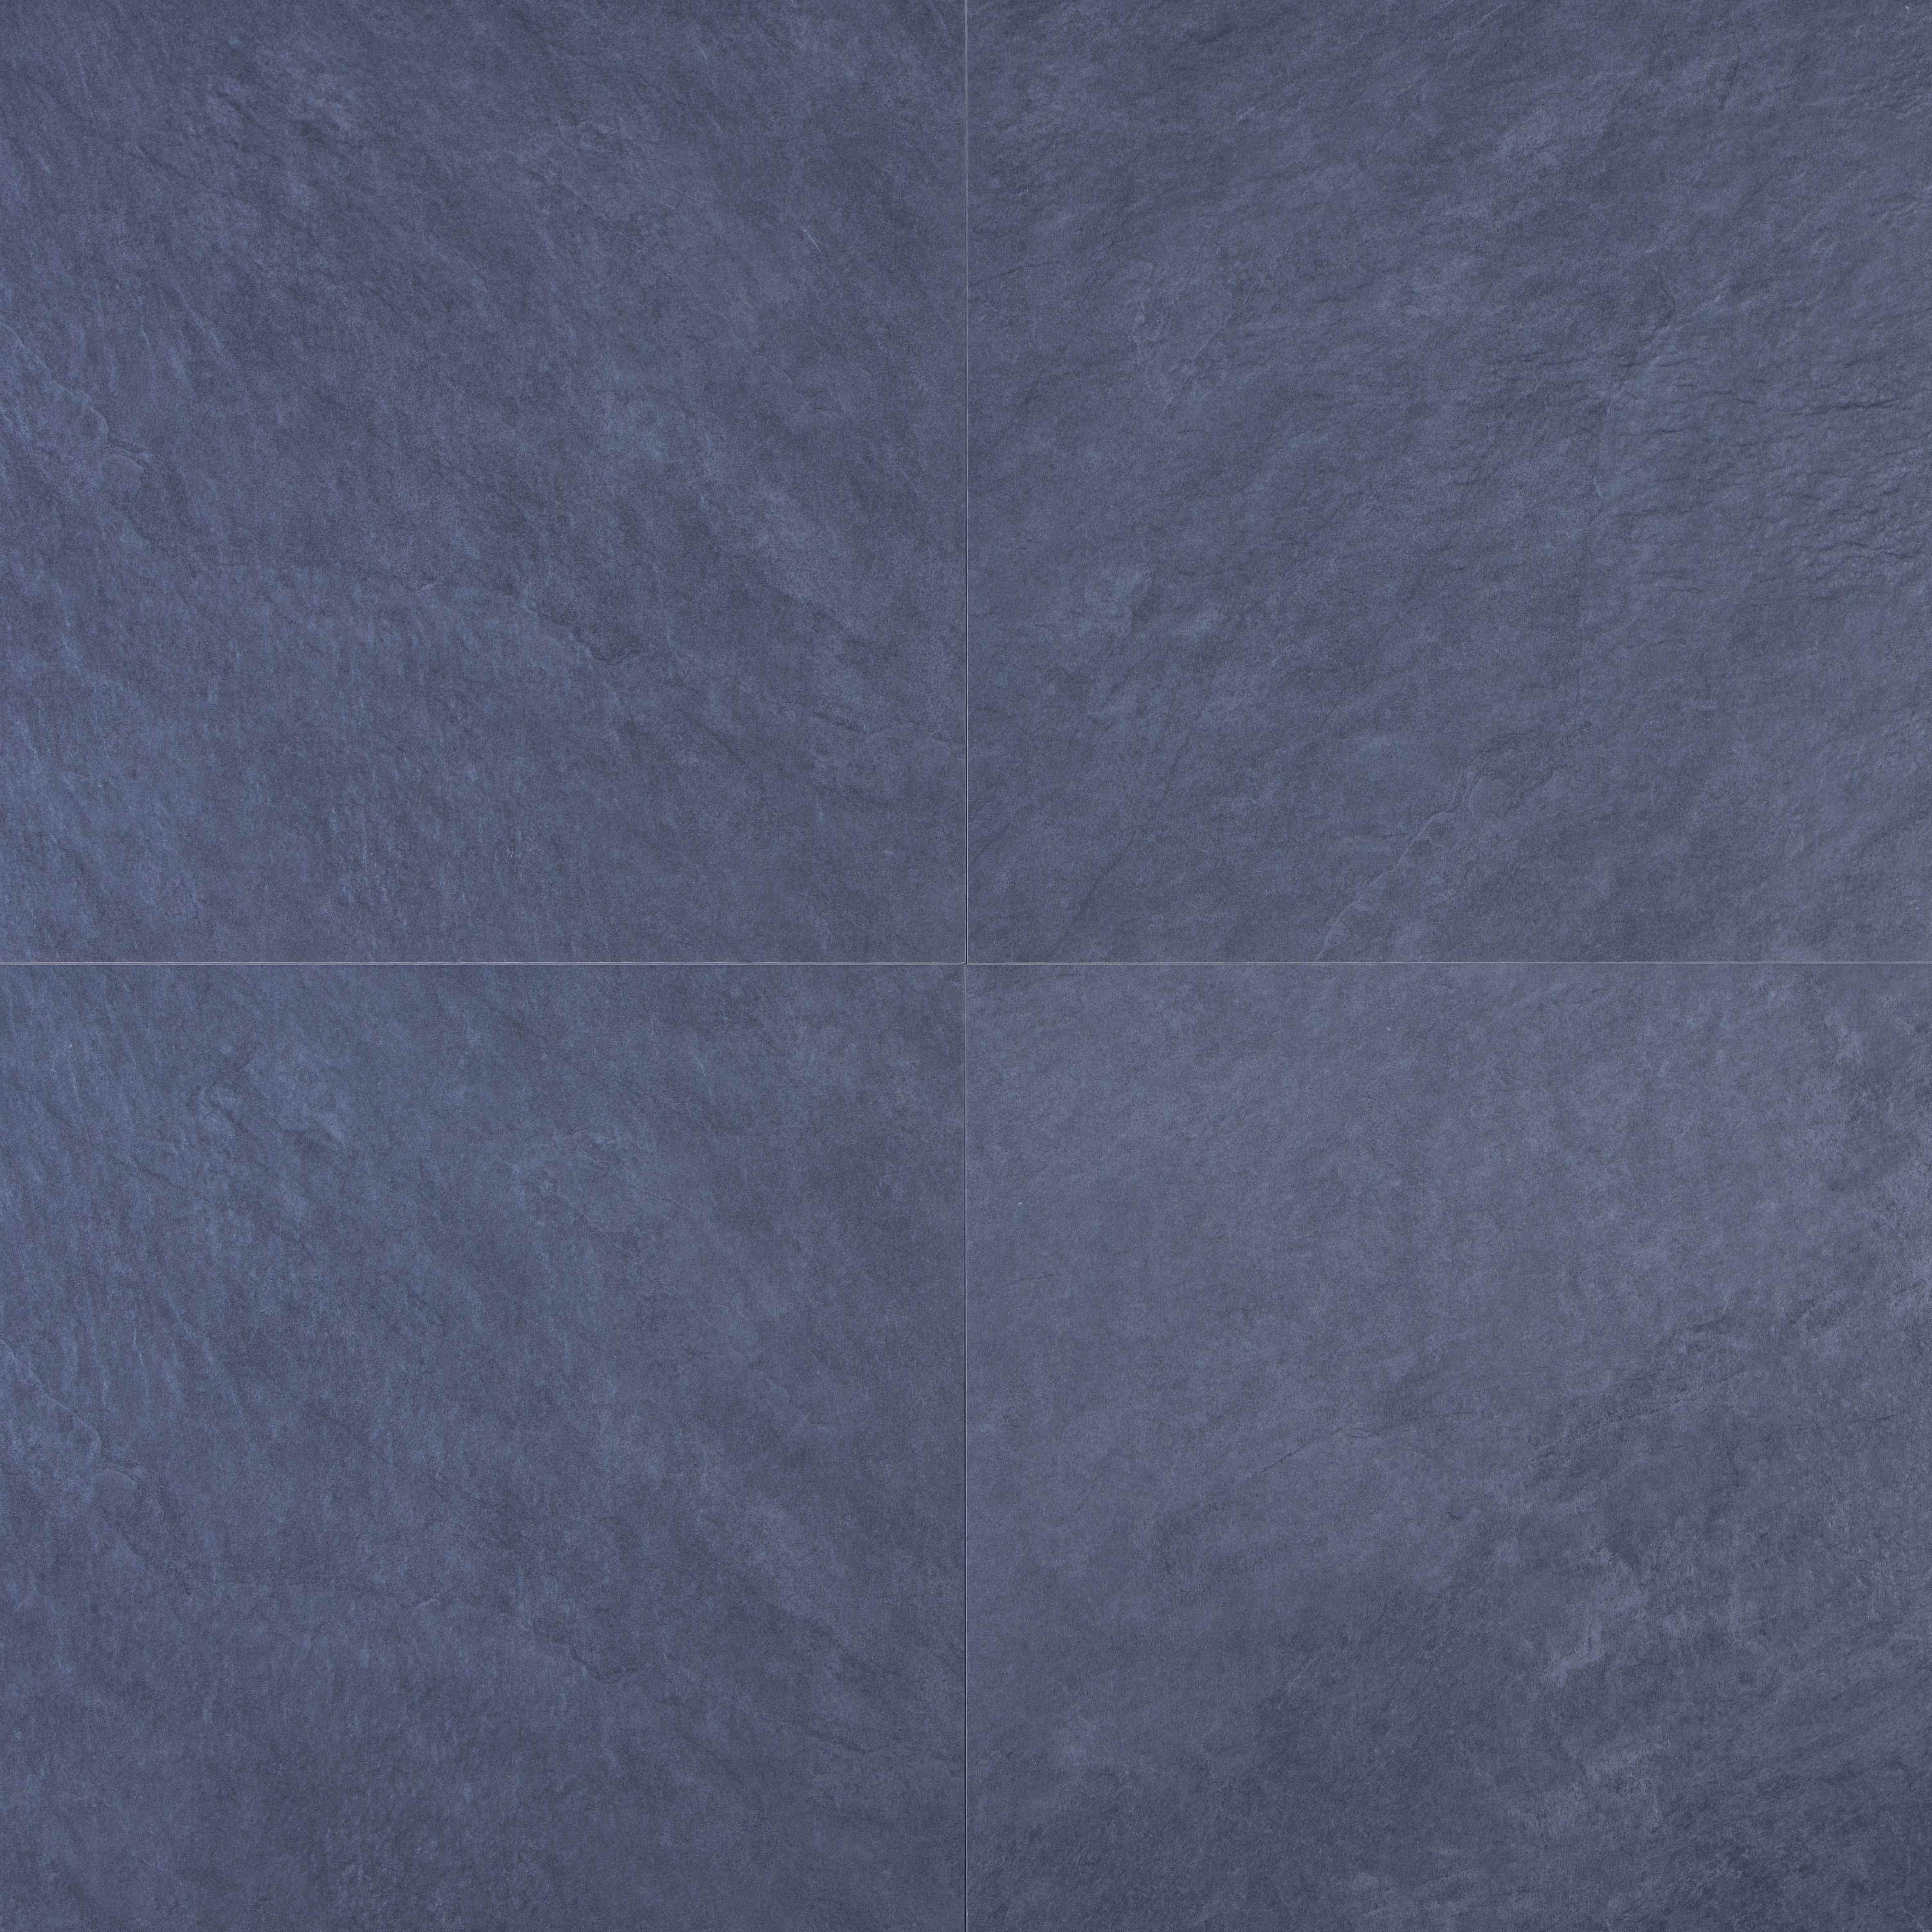 Keramische Tegels 80x80 Prijzen.Keramische Tegel Geoceramica Lava Slate 80x80x4 Cm